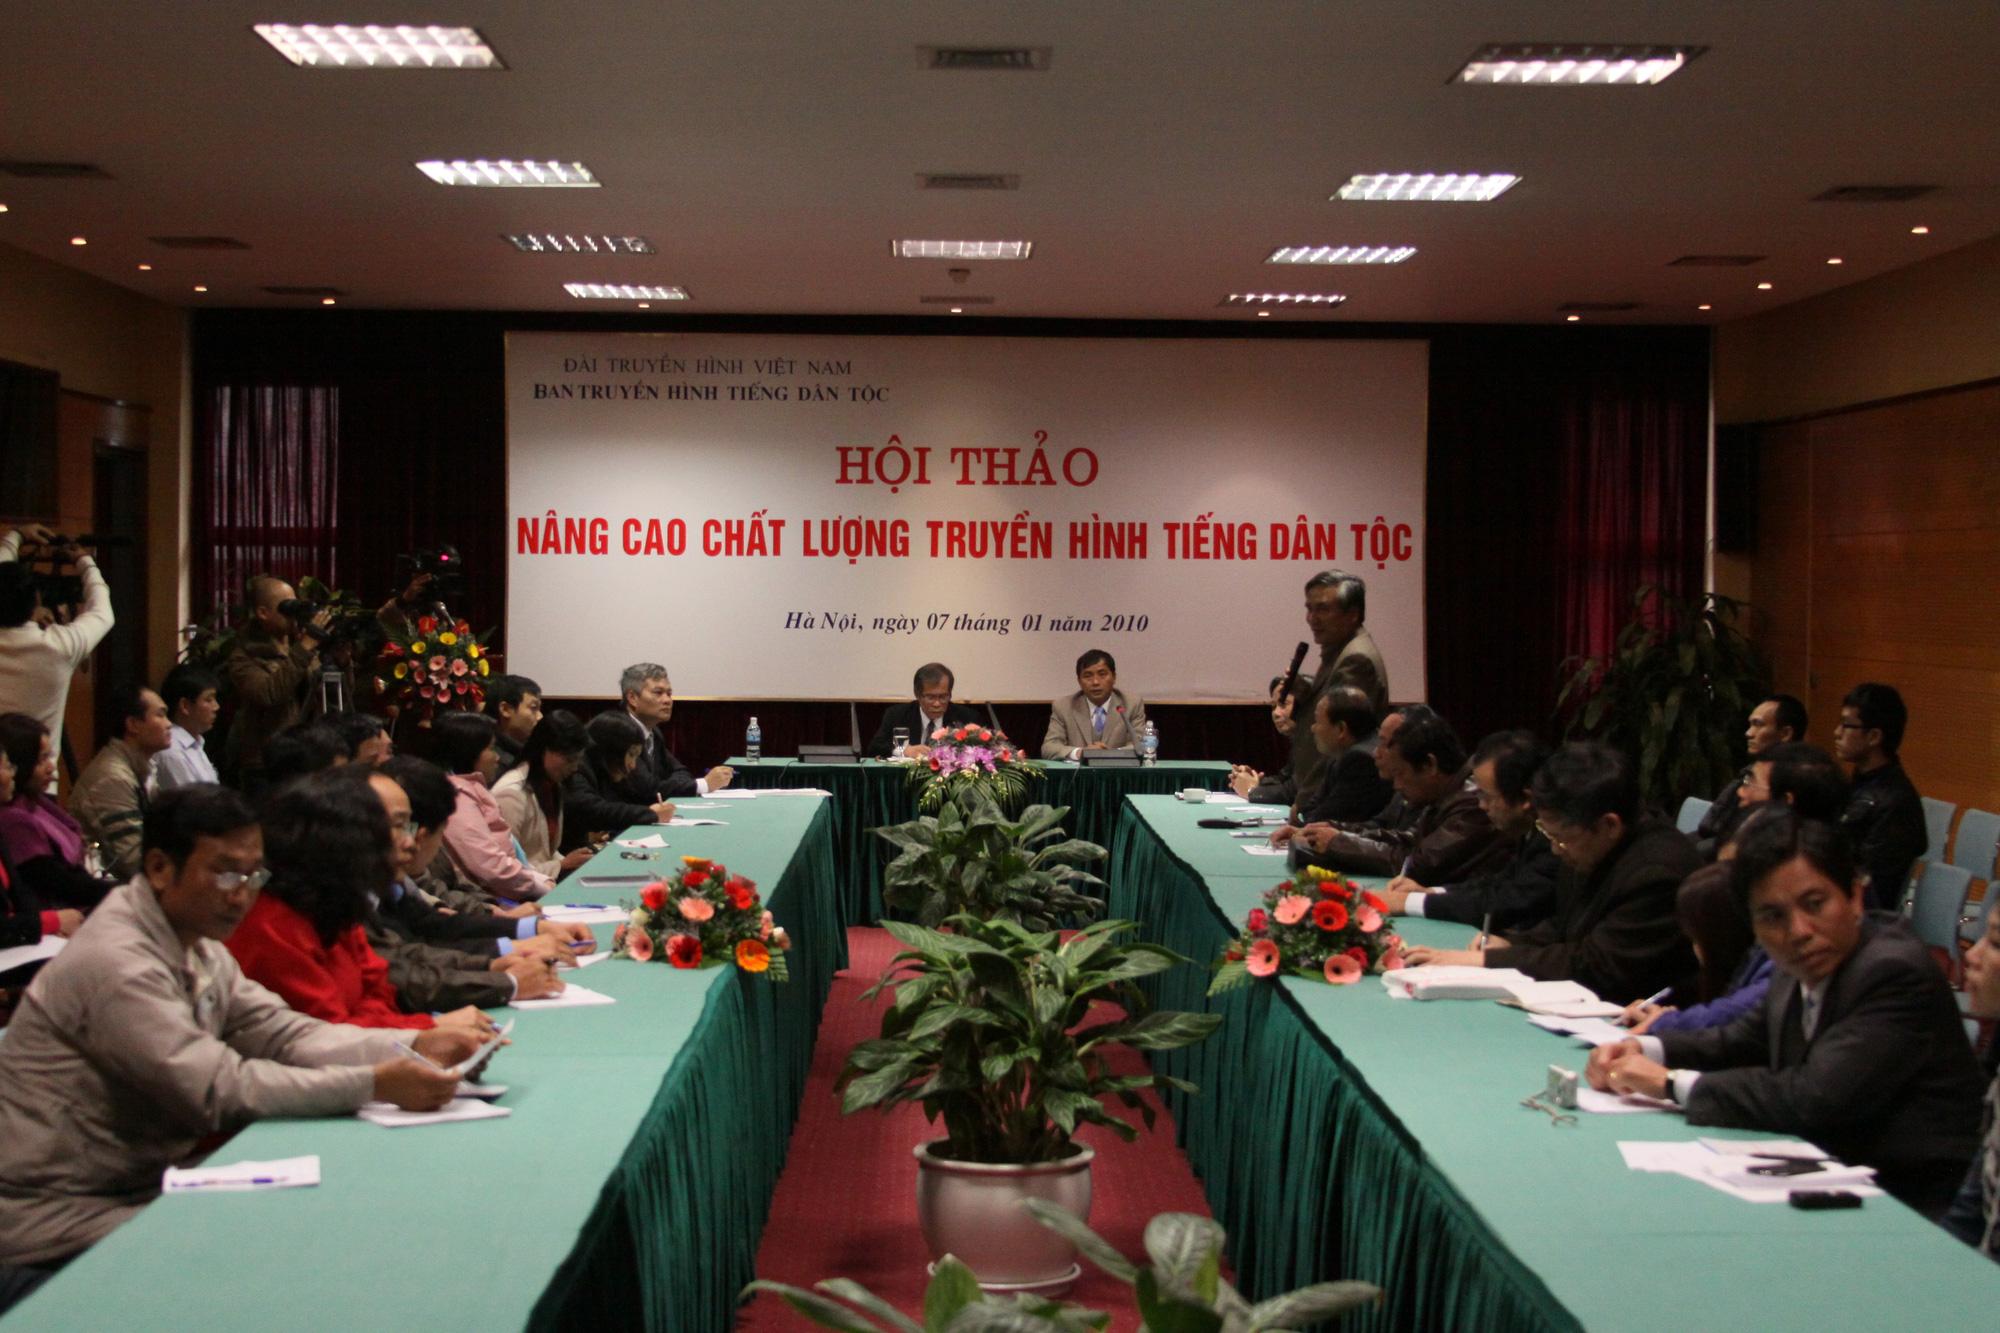 Hội thảo năm 2010